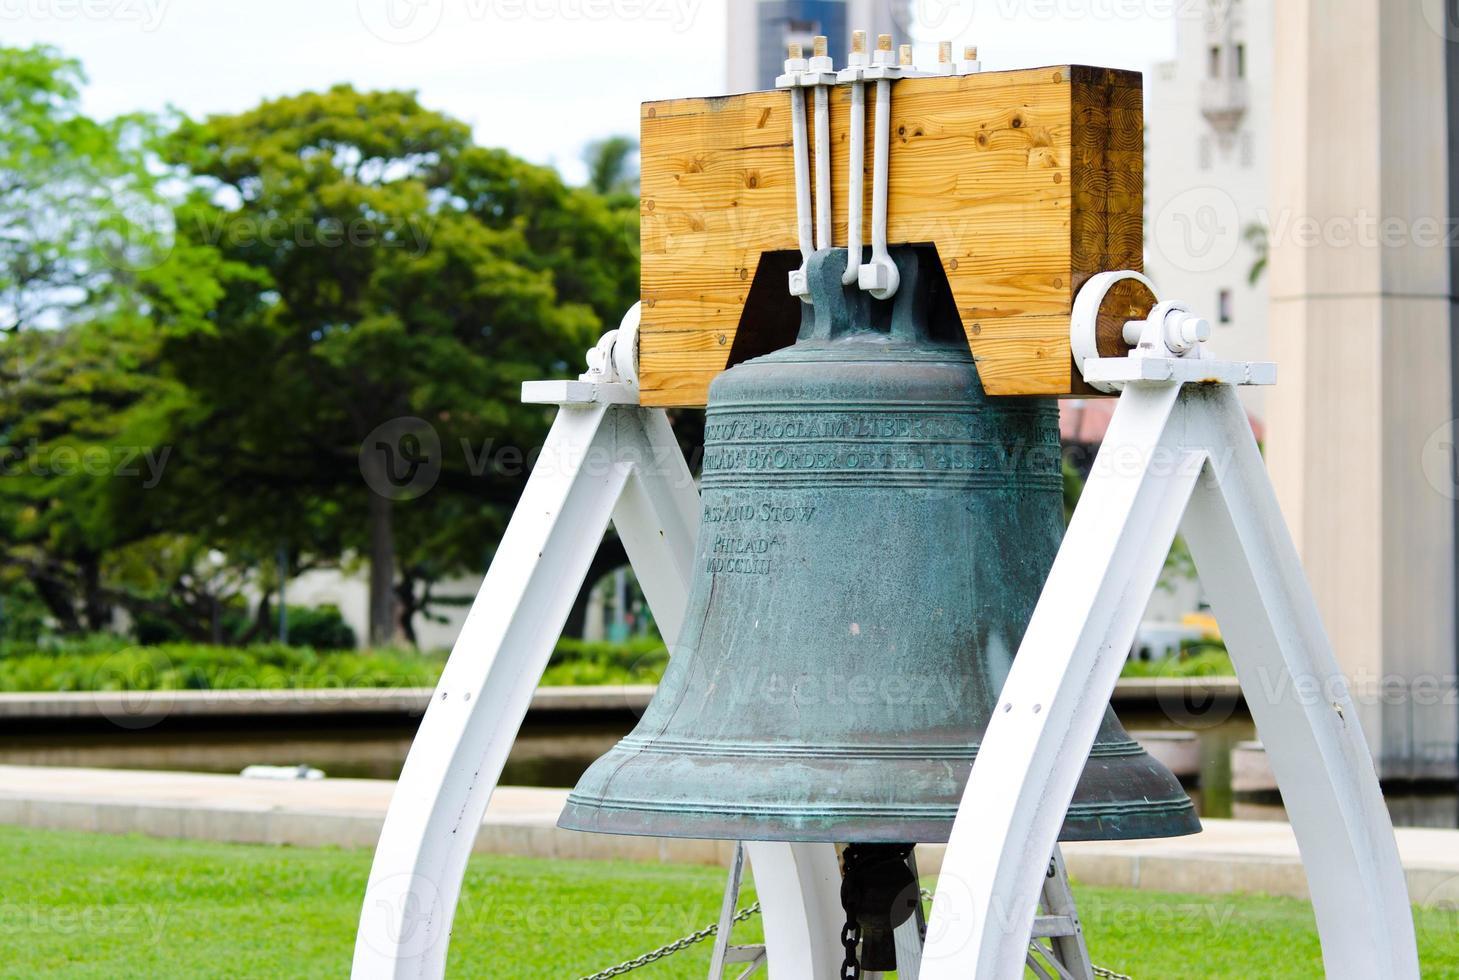 réplique de la cloche de la liberté au bâtiment du Capitole de l'État d'Hawaï à Honolulu photo